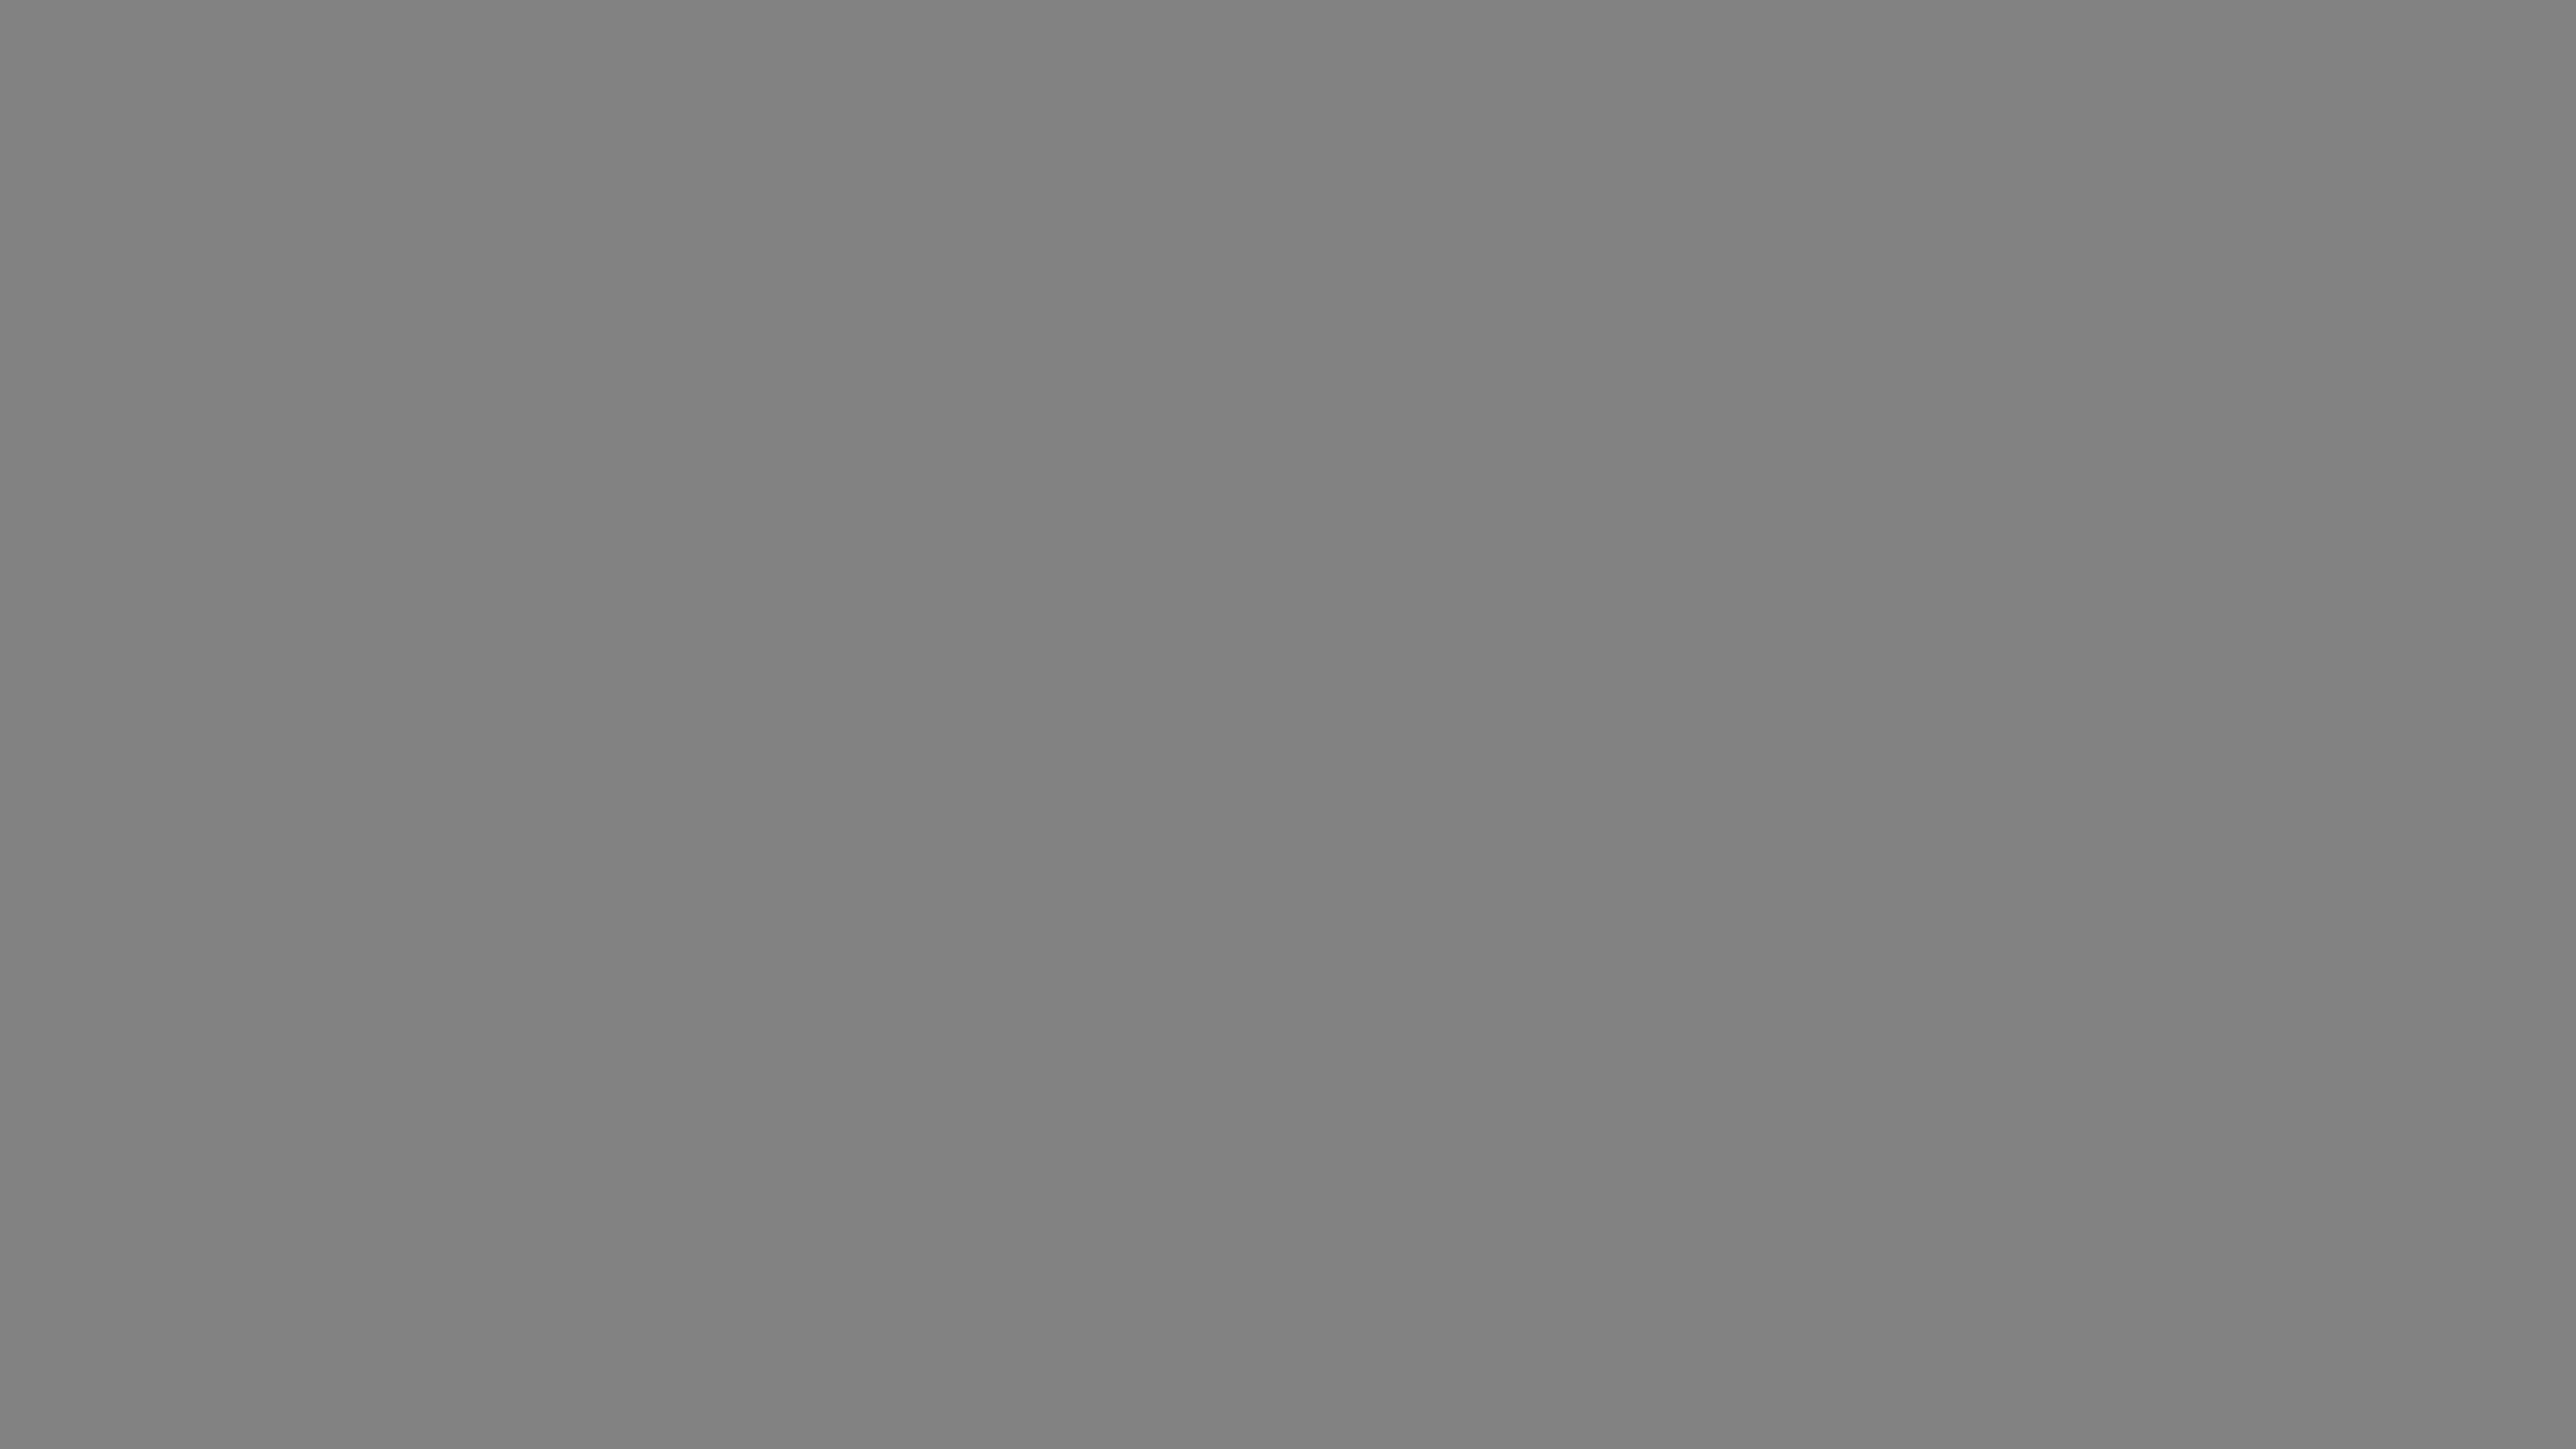 Rollplast BVEN2LONCC28080 - puerta de ducha a Fuelle, Diámetro 80 x 185 cm, PVC, un solo lado, hoja única, apertura lateral, blanca: Amazon.es: Bricolaje y herramientas